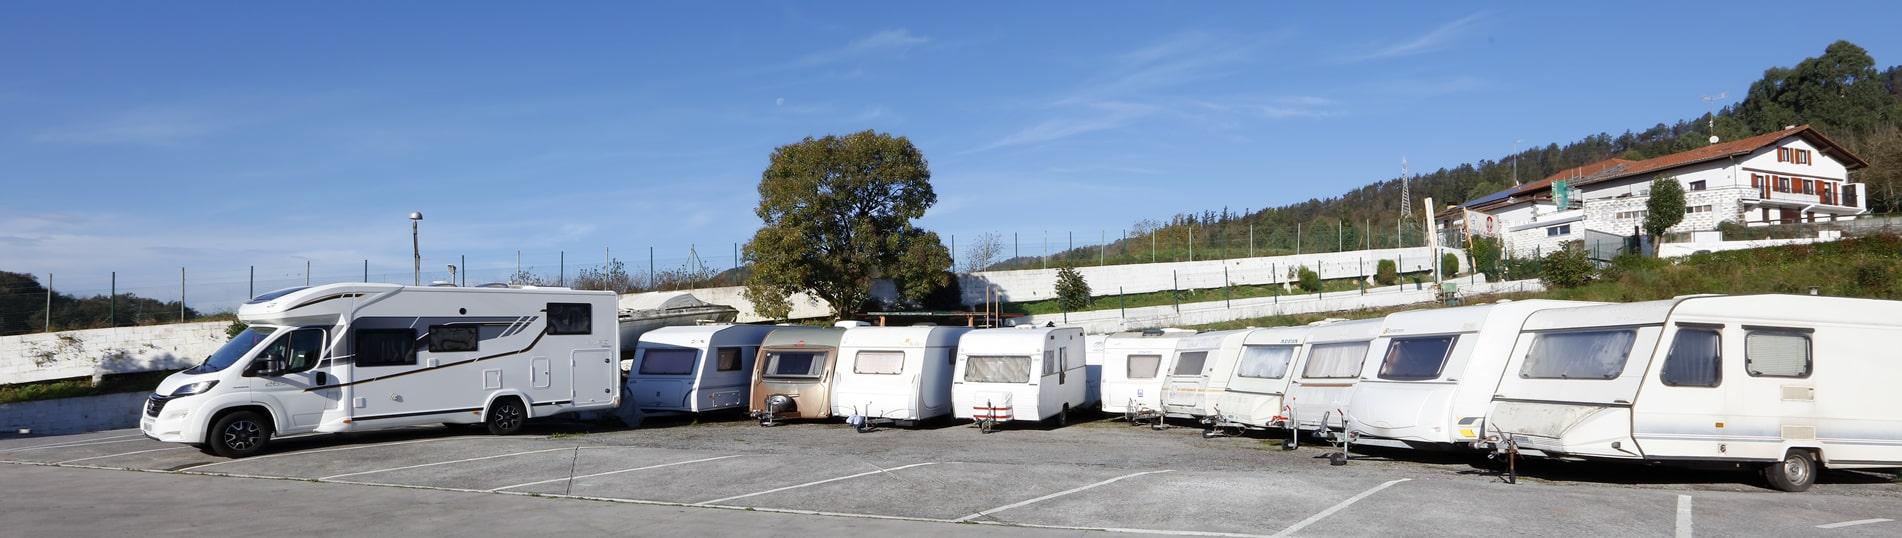 Aparcamiento 24h videovigilado para caravanas y autocaravanas en Orio